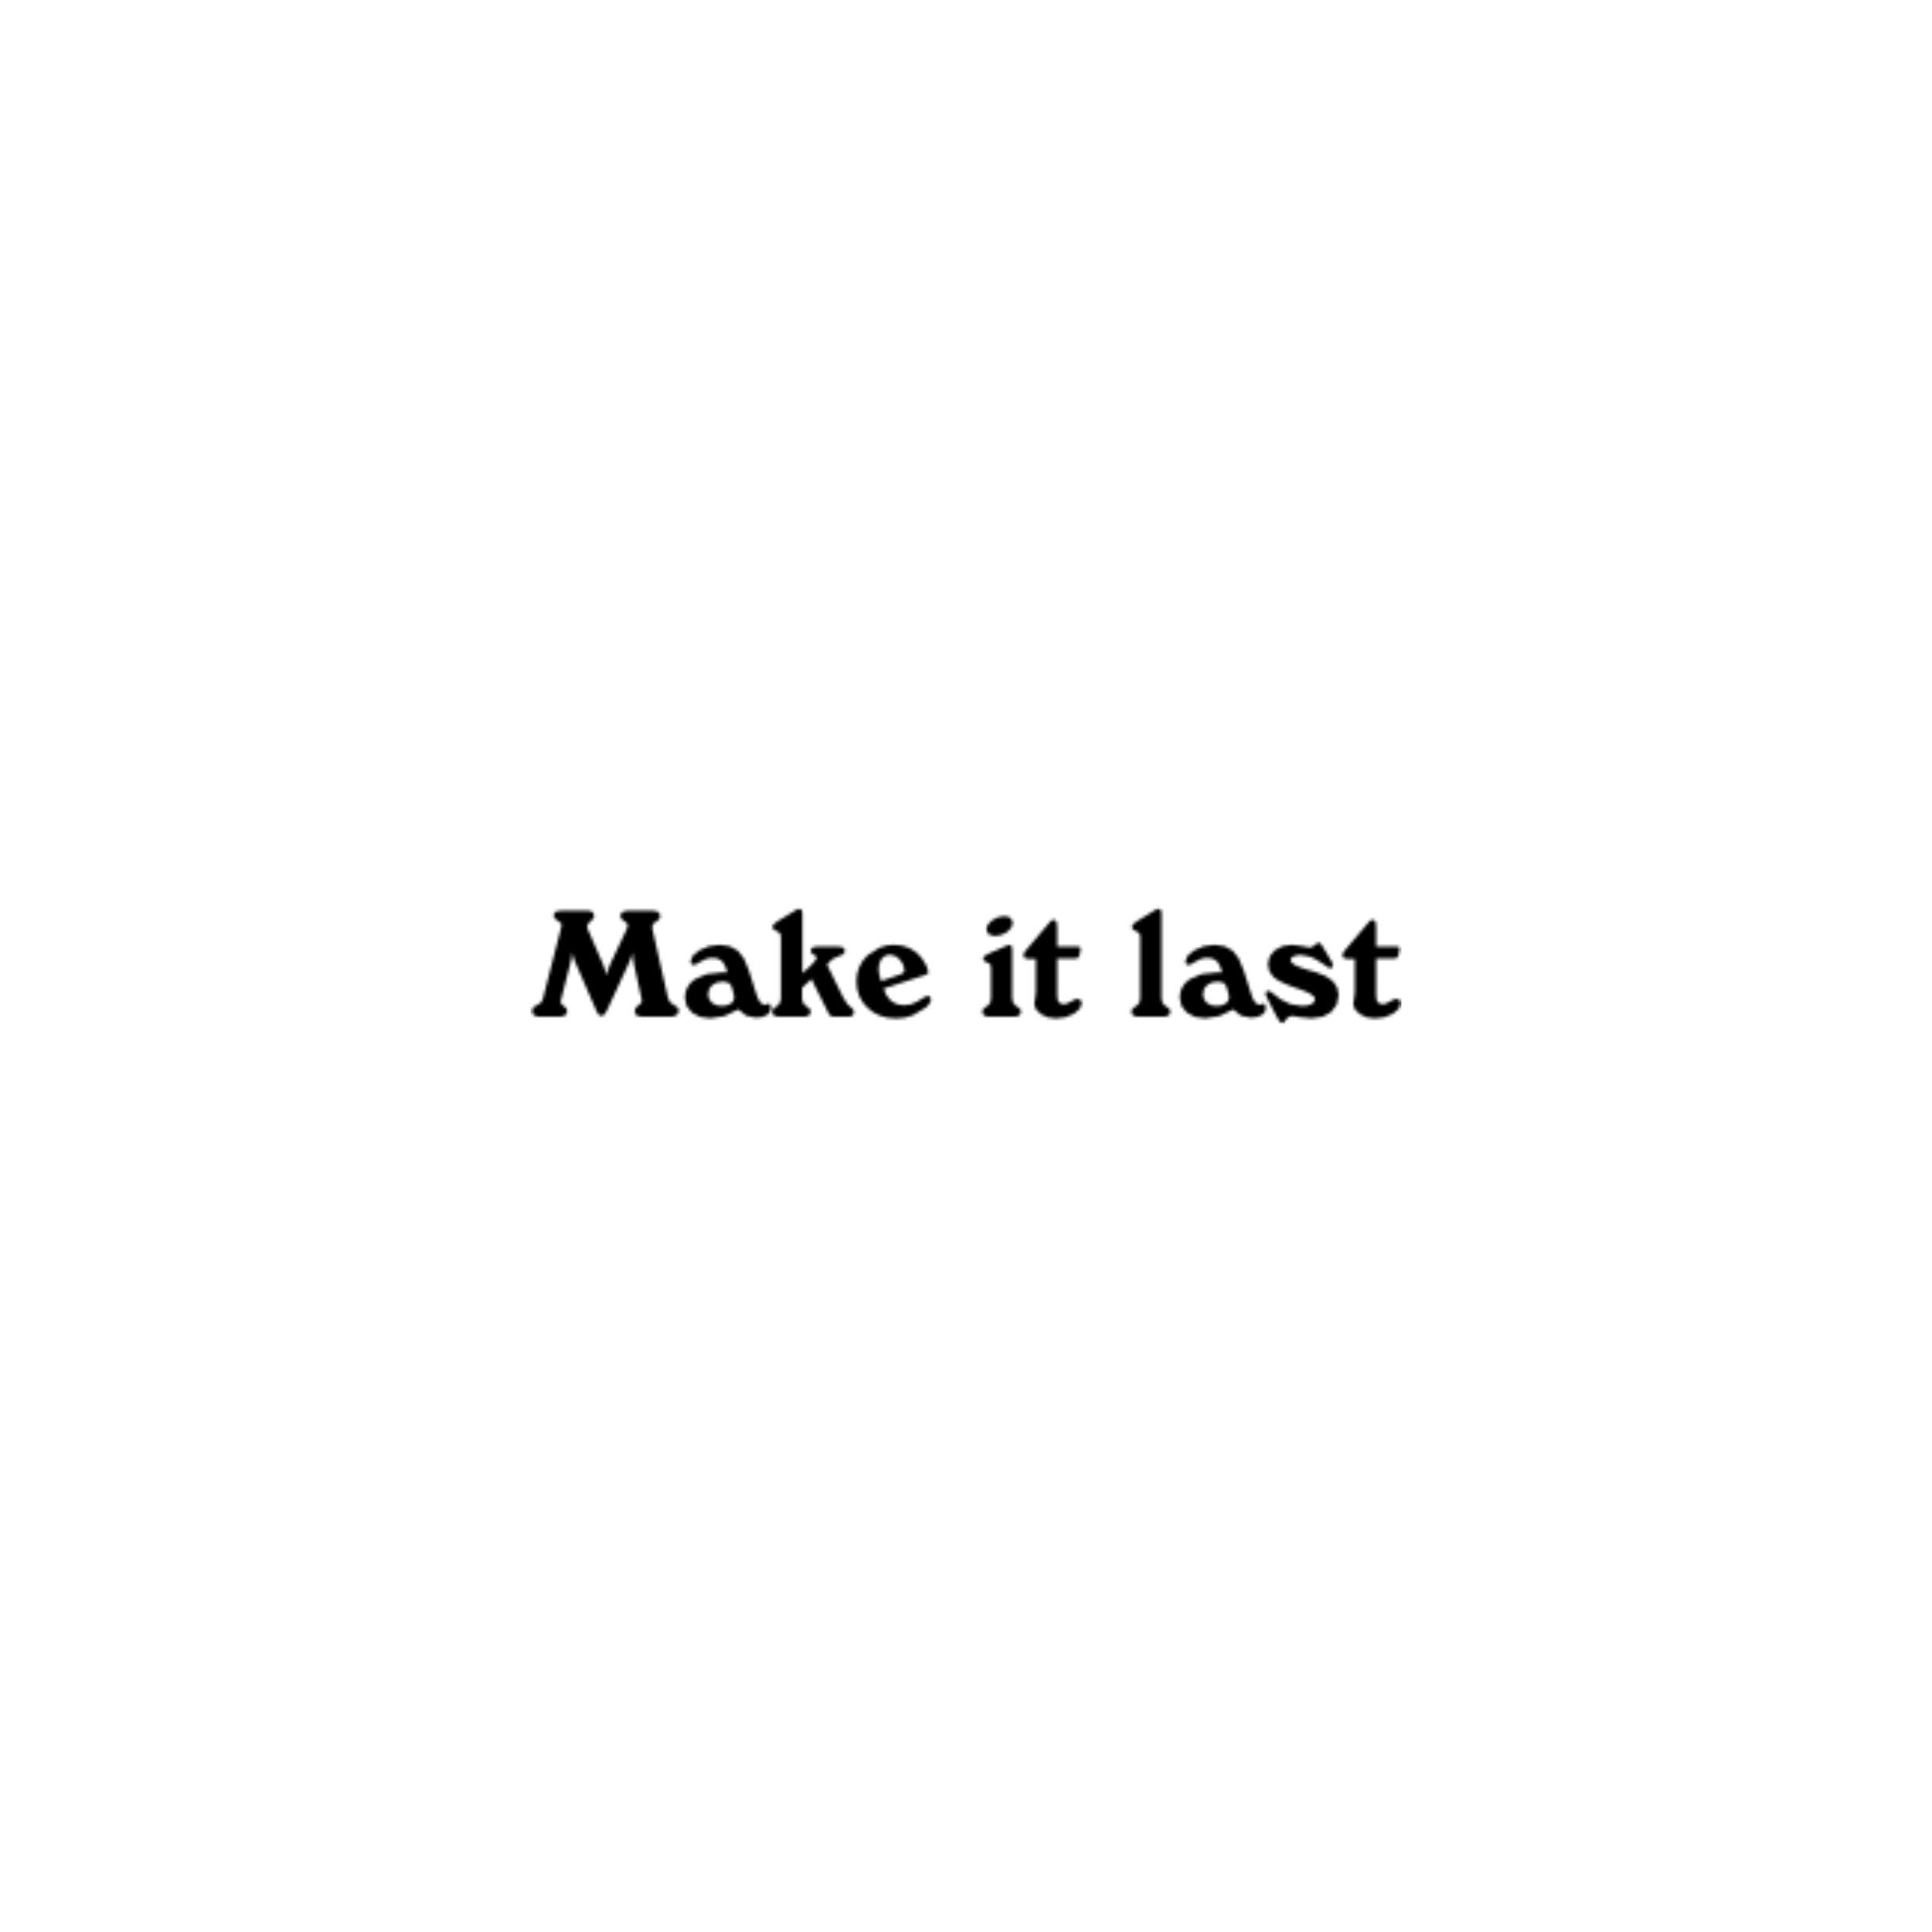 MAKE IT LAST -